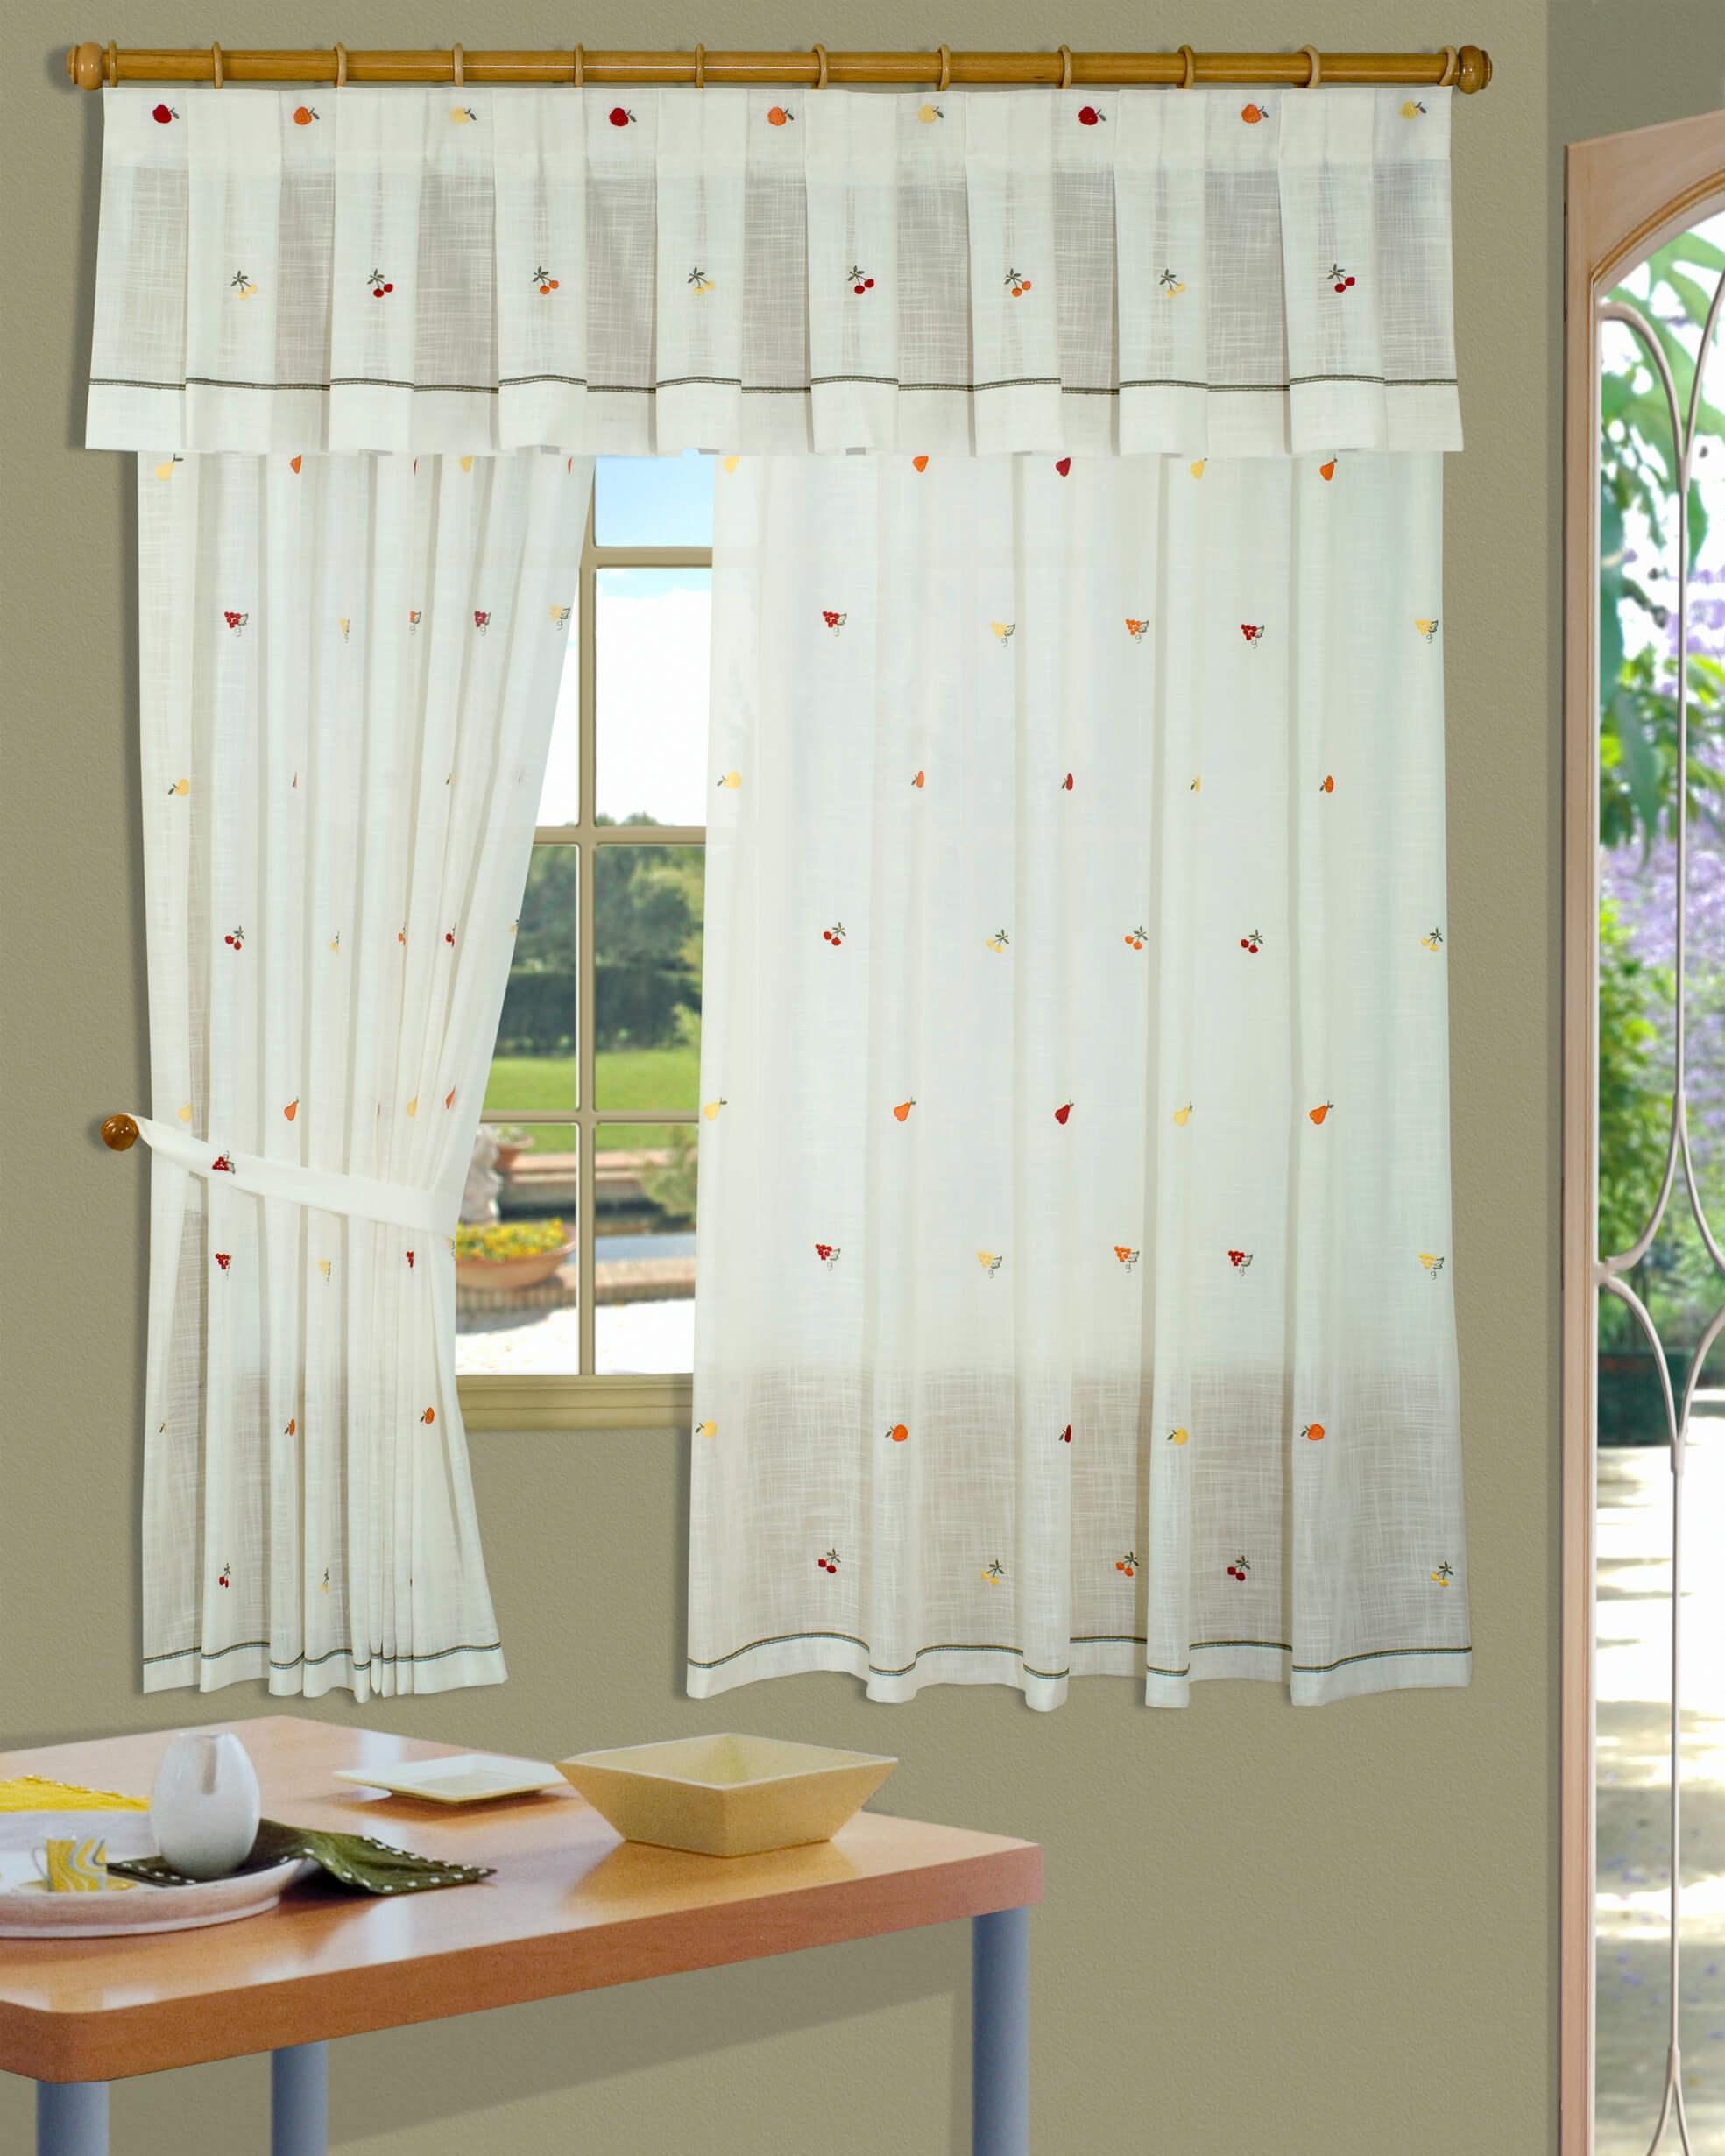 Fotos cortinas cocina amazing las cortinas para cocina - Cortinas baratas zaragoza ...